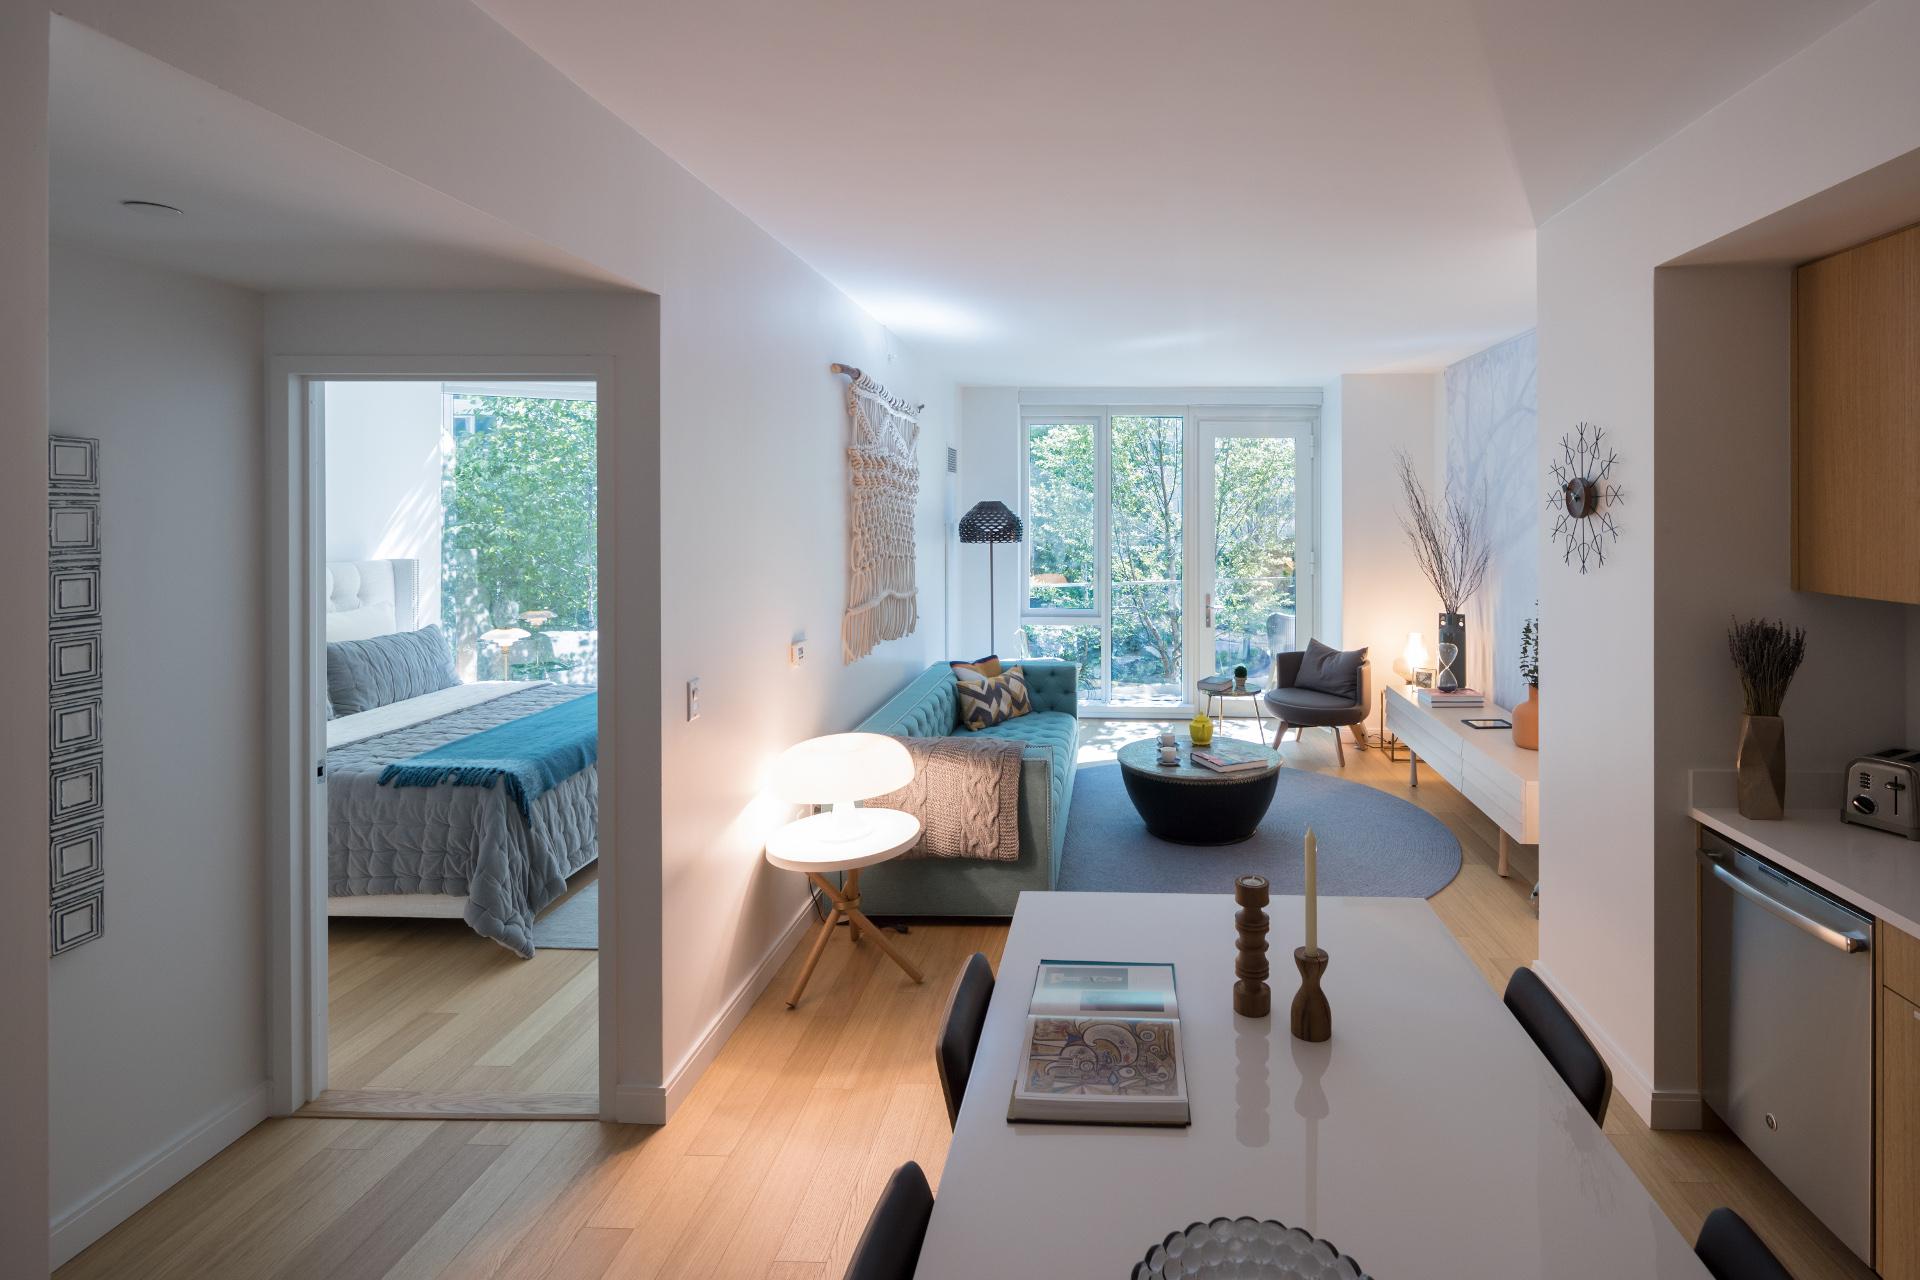 BIG Bjarke Ingels Group's Courtscraper W57 in Manhattan